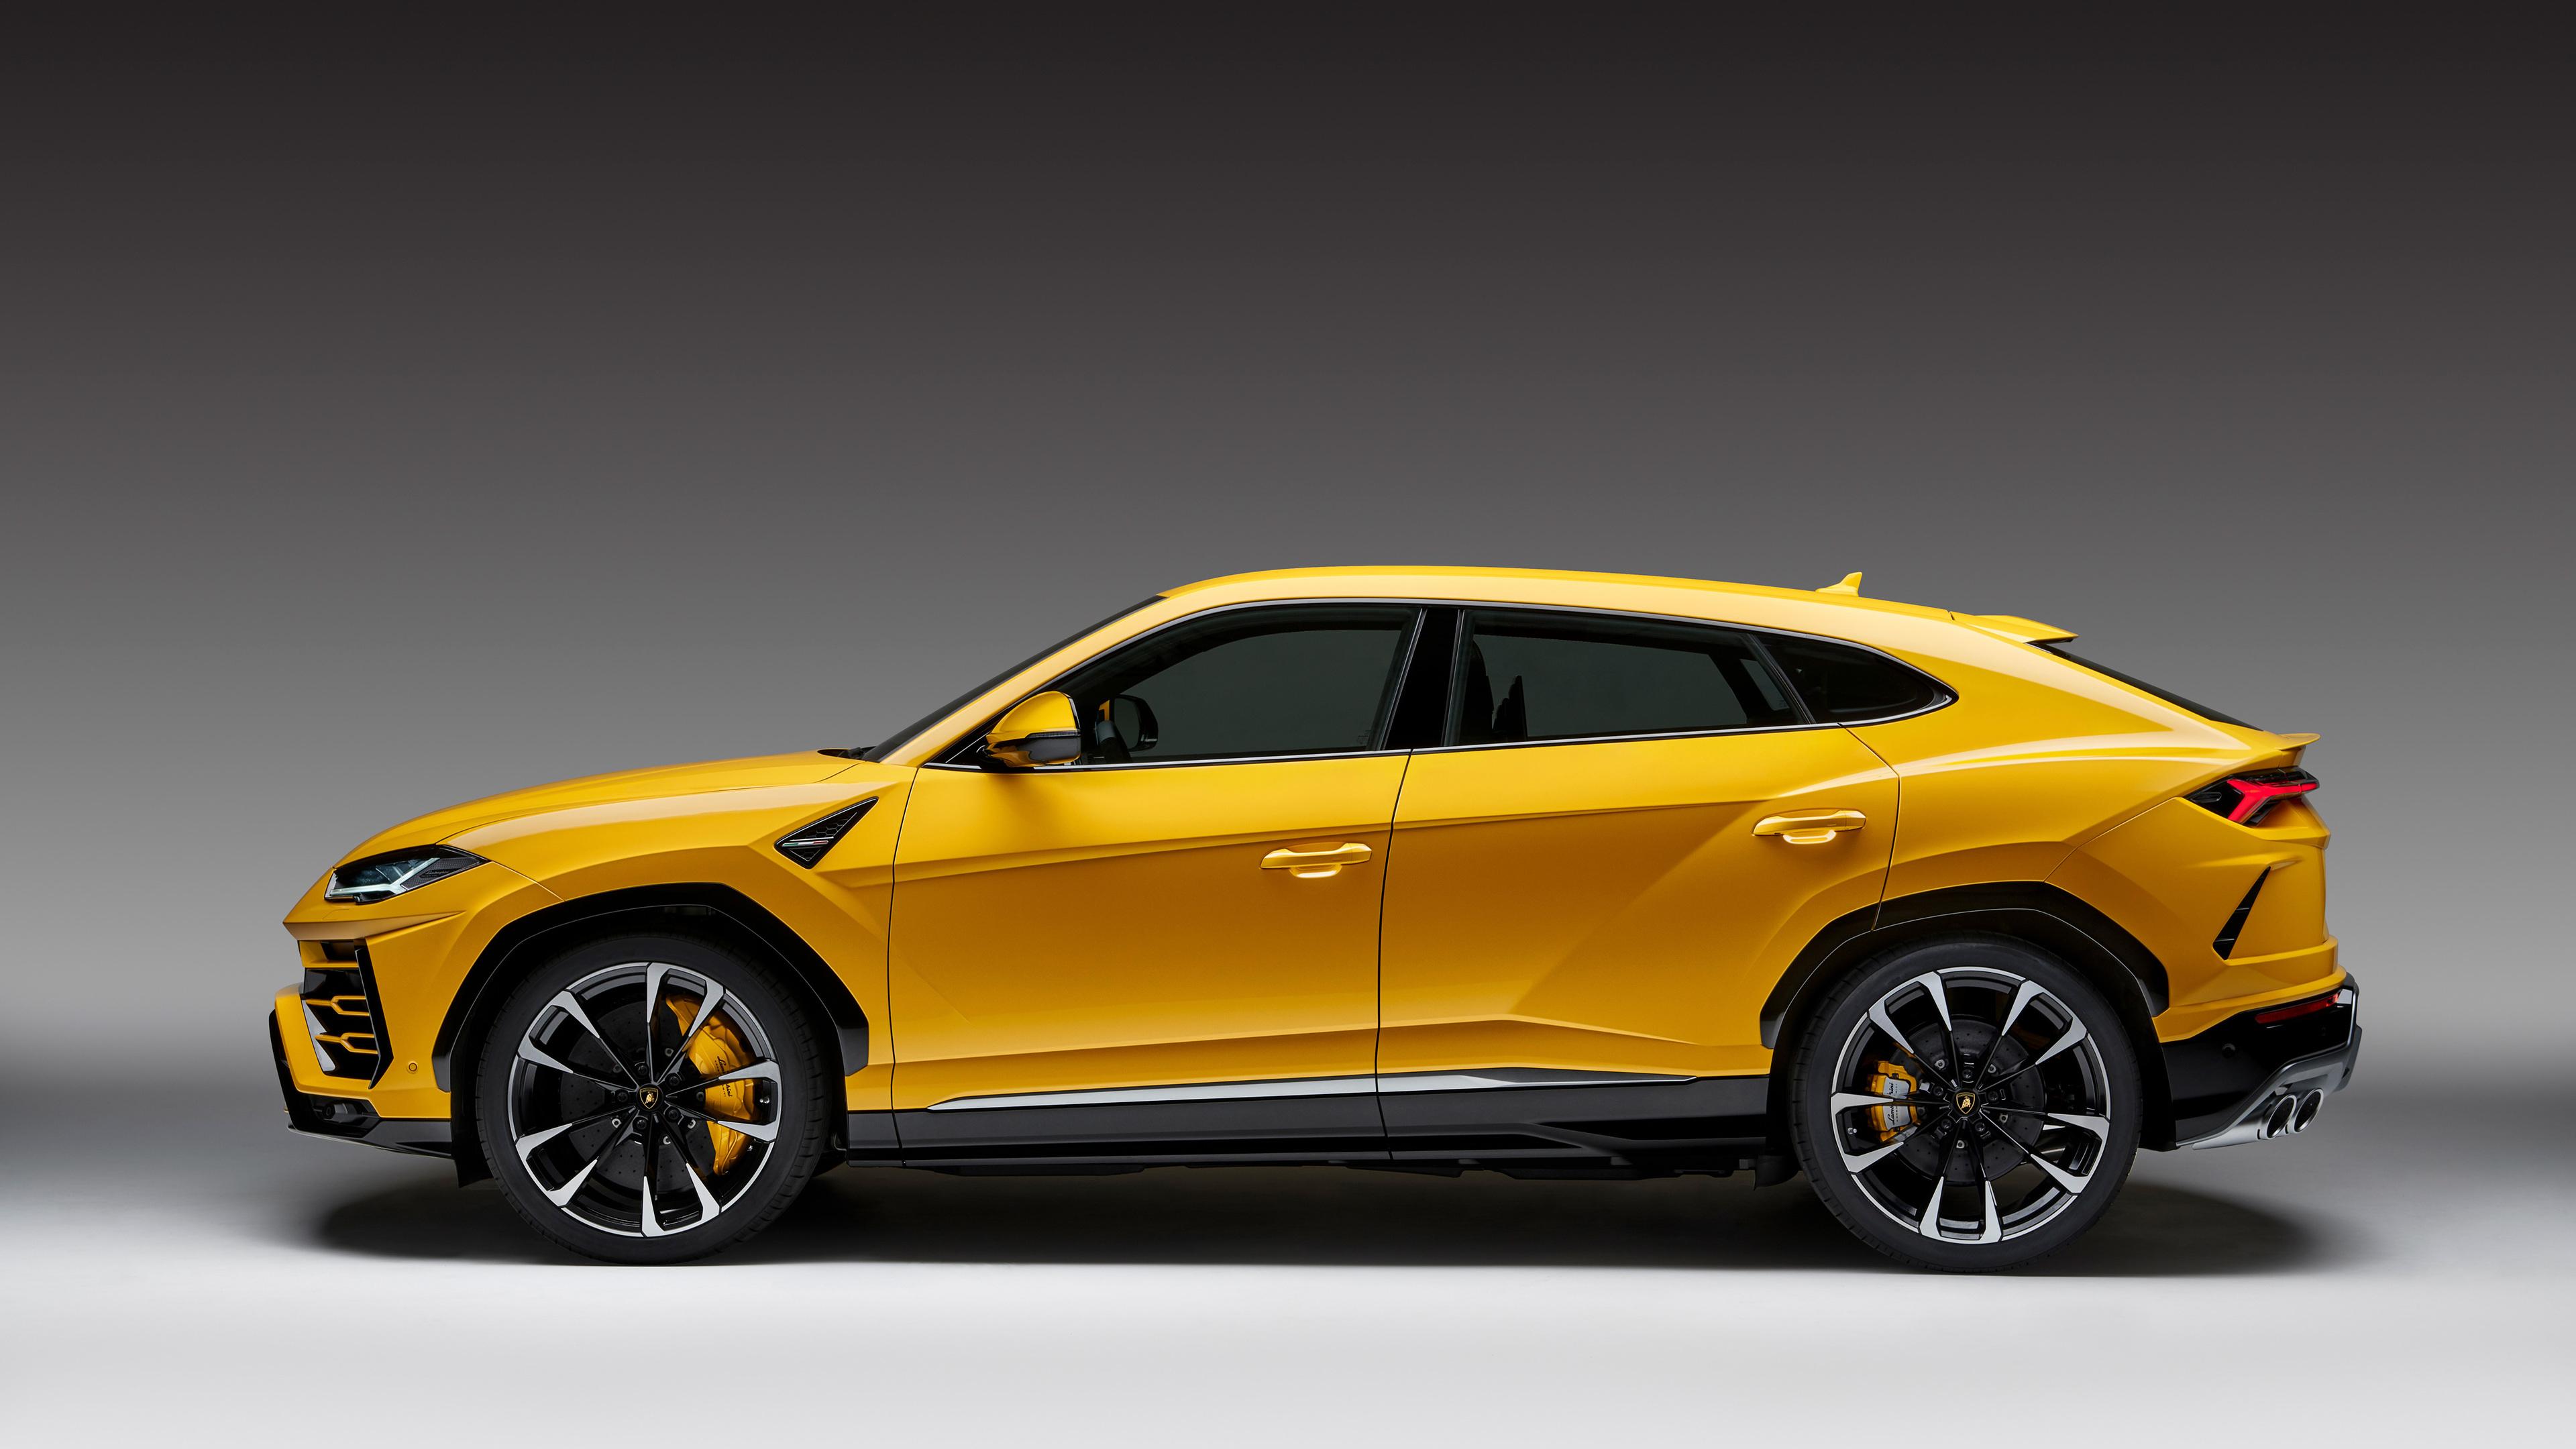 Lamborghini Urus Suv Side View Wallpaper 66531 3840x2160px